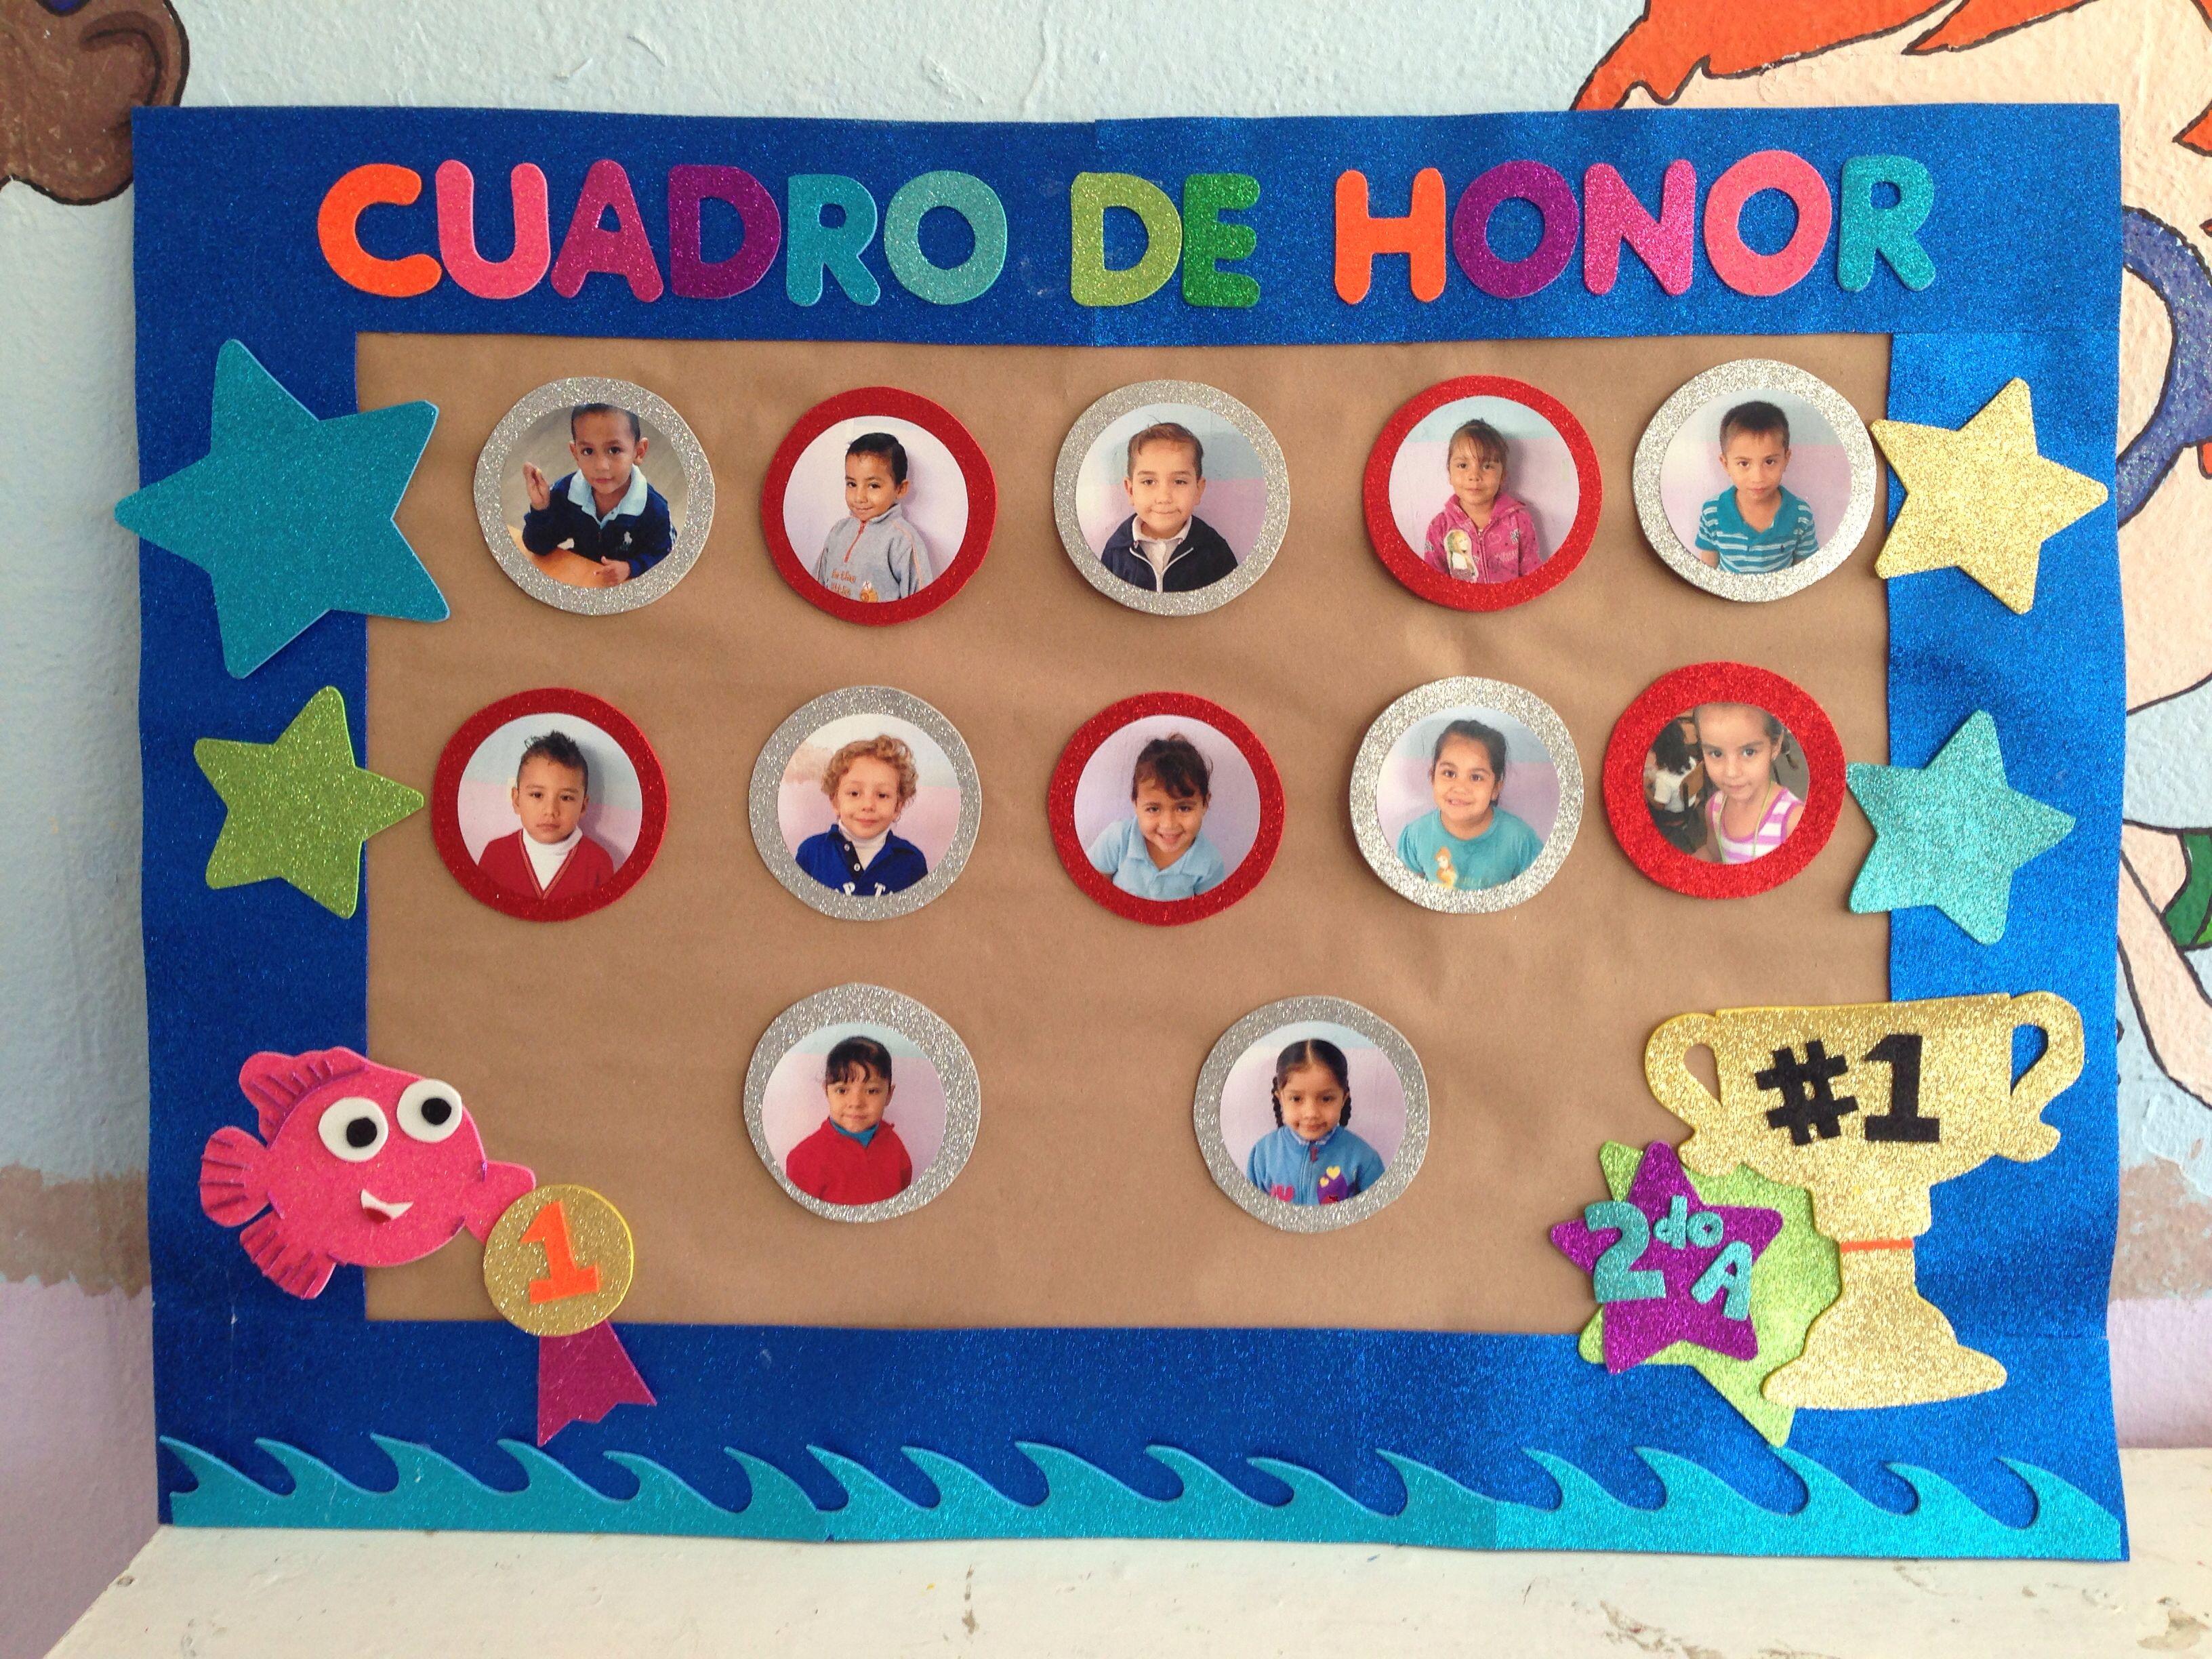 Cuadro de honor escuela pinterest for Murales faciles y creativos